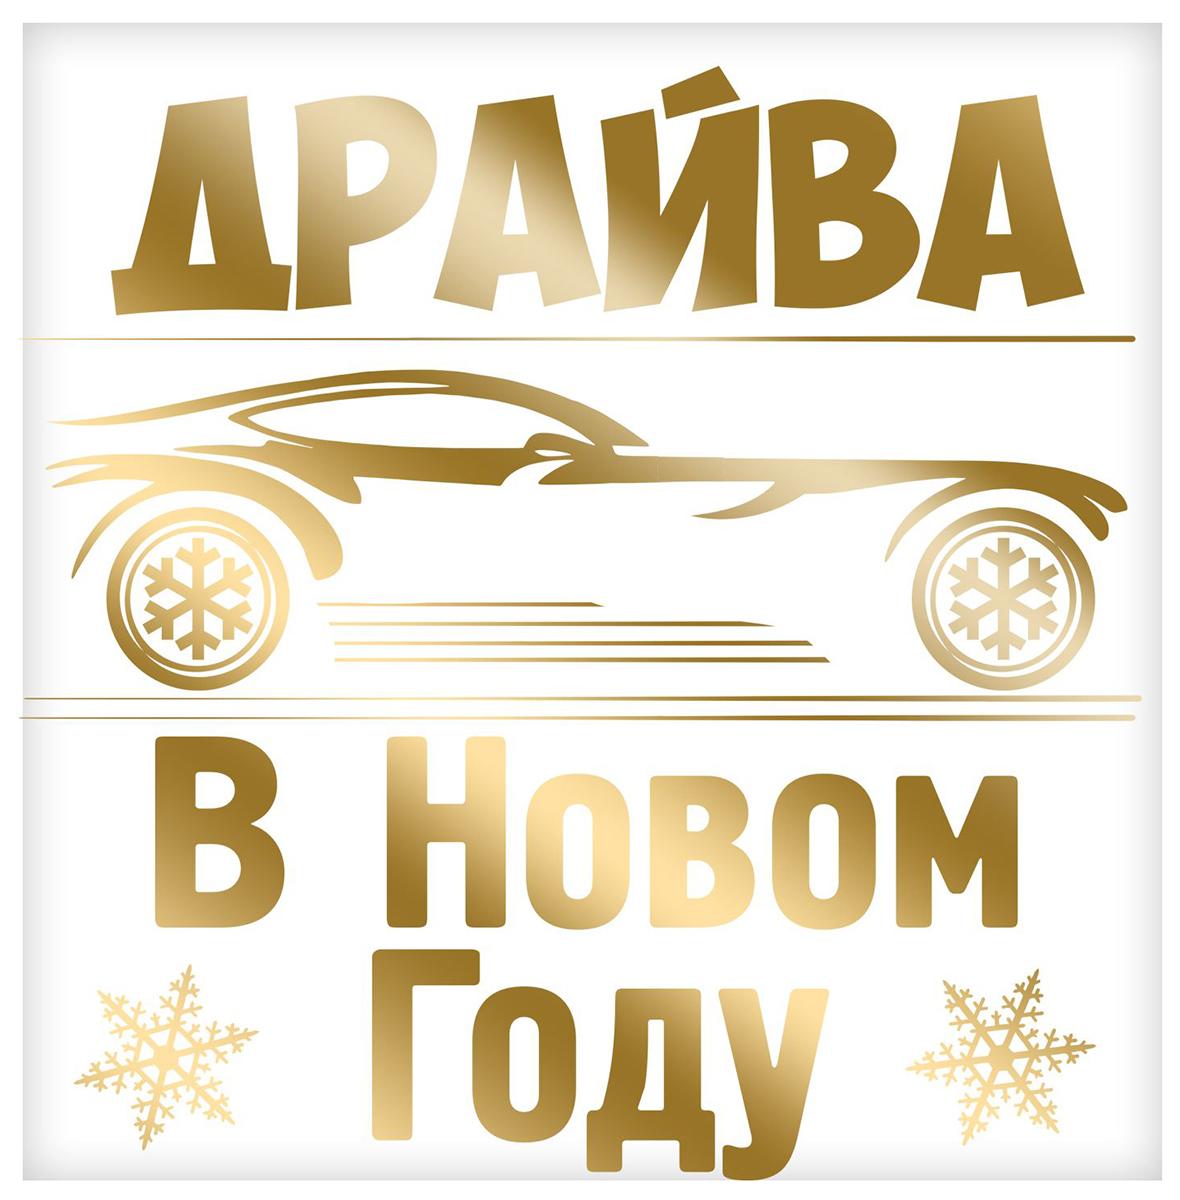 Наклейка на автомобиль  Драйва в Новом году , 18 х 18 см -  Наклейки